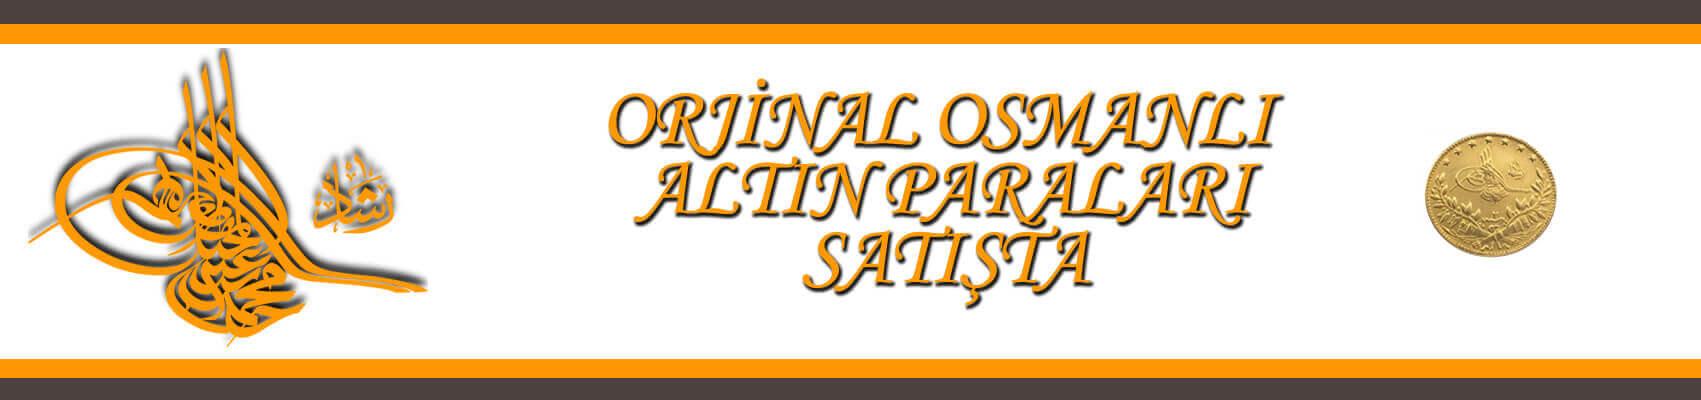 osmanlı liaraları kampanya